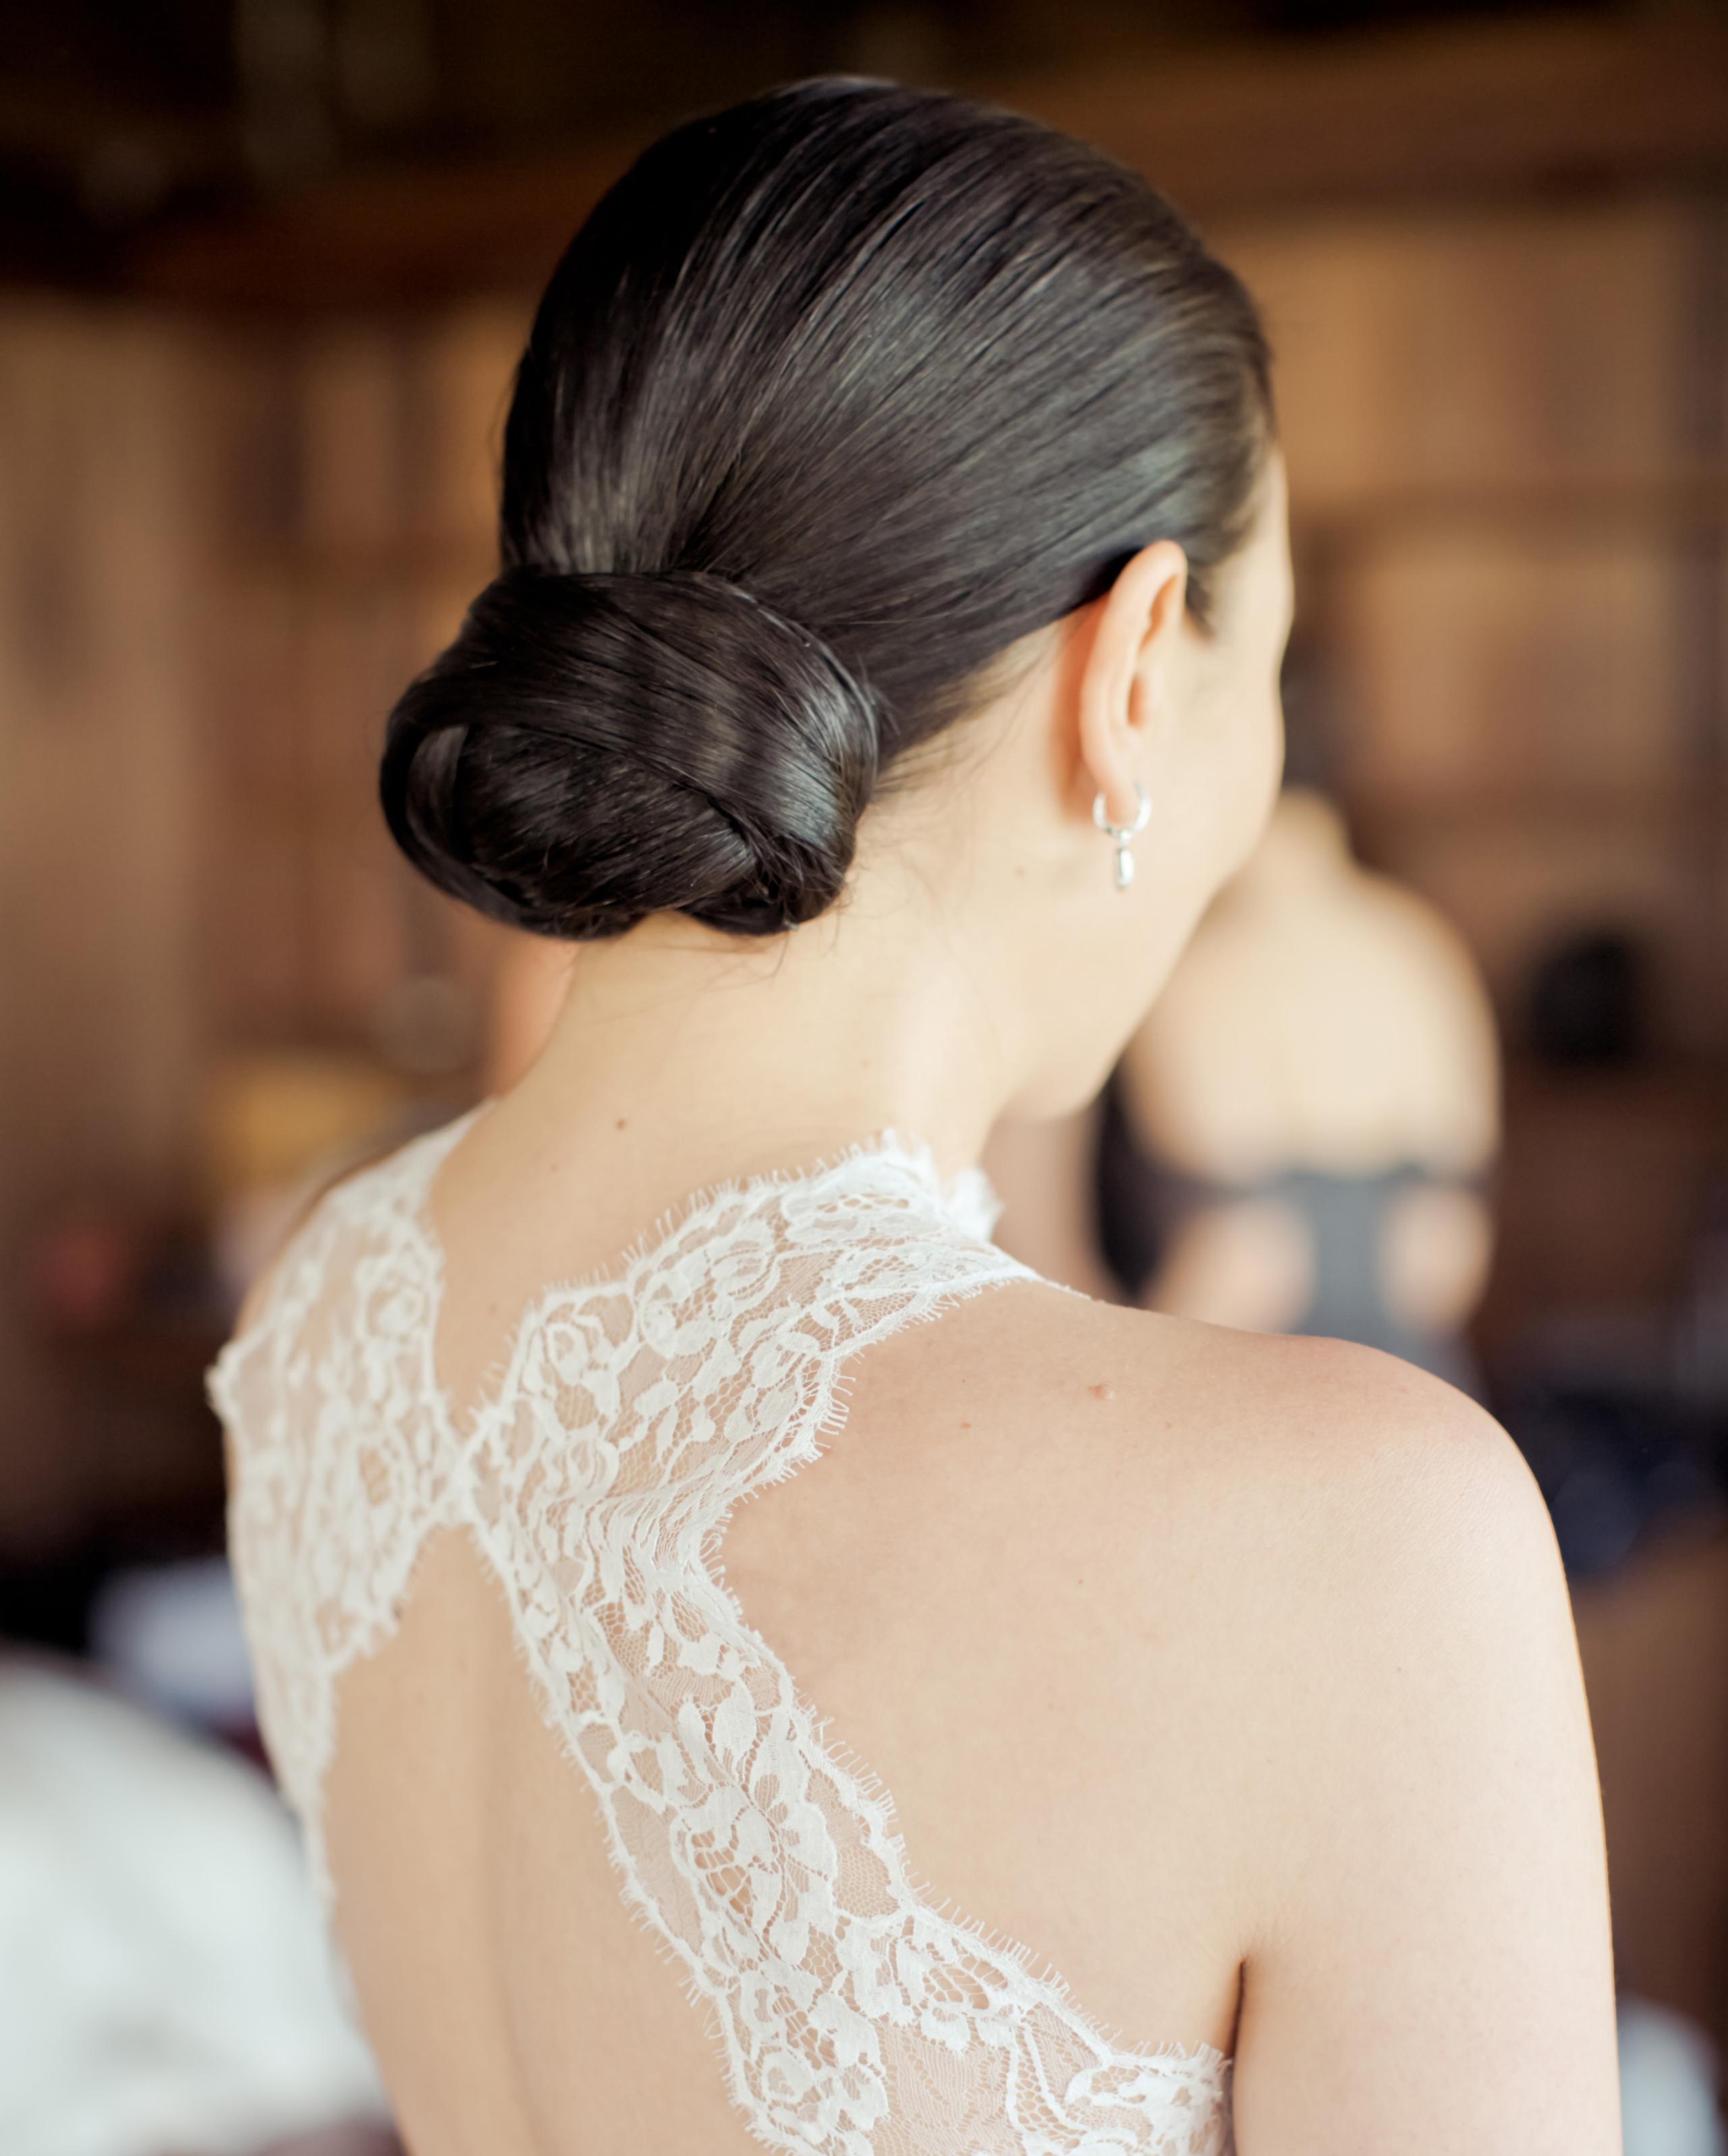 emma-michelle-wedding-updo-0297-s112079-0715.jpg